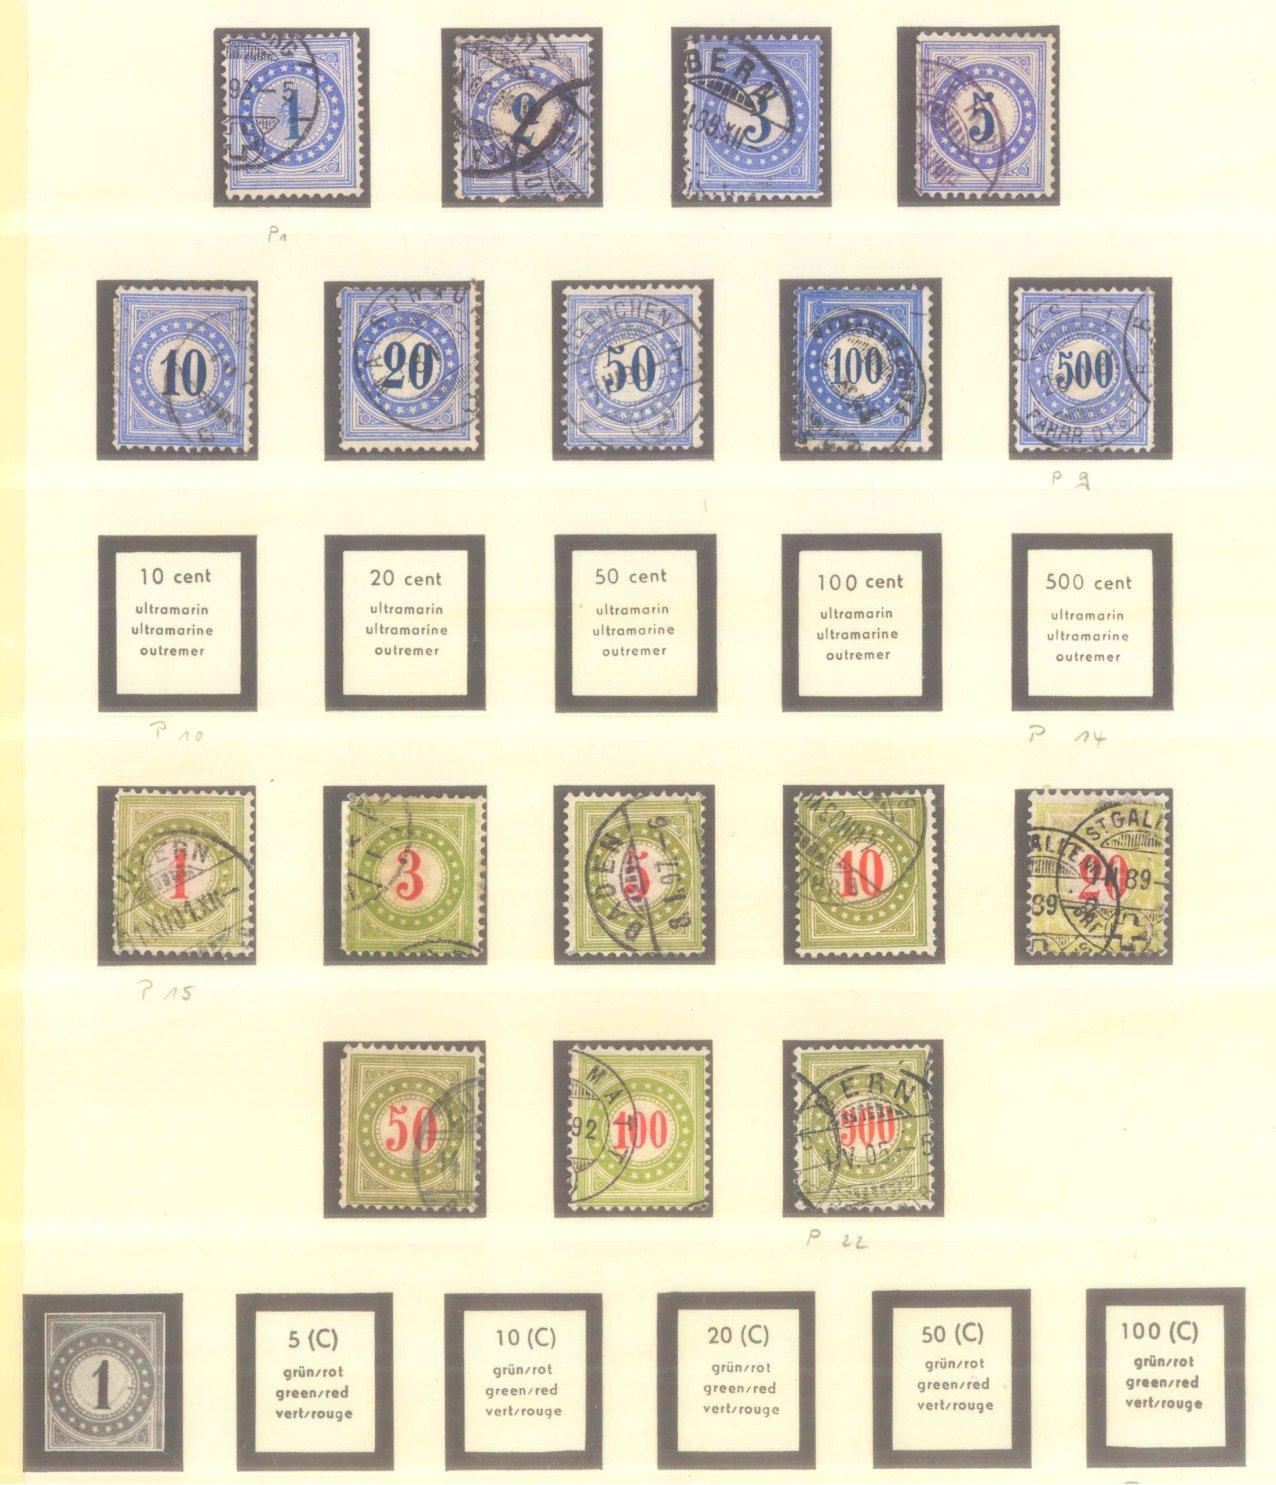 SCHWEIZ 1878-1938, Dienst, Porto, Katalogwert 350 Euro